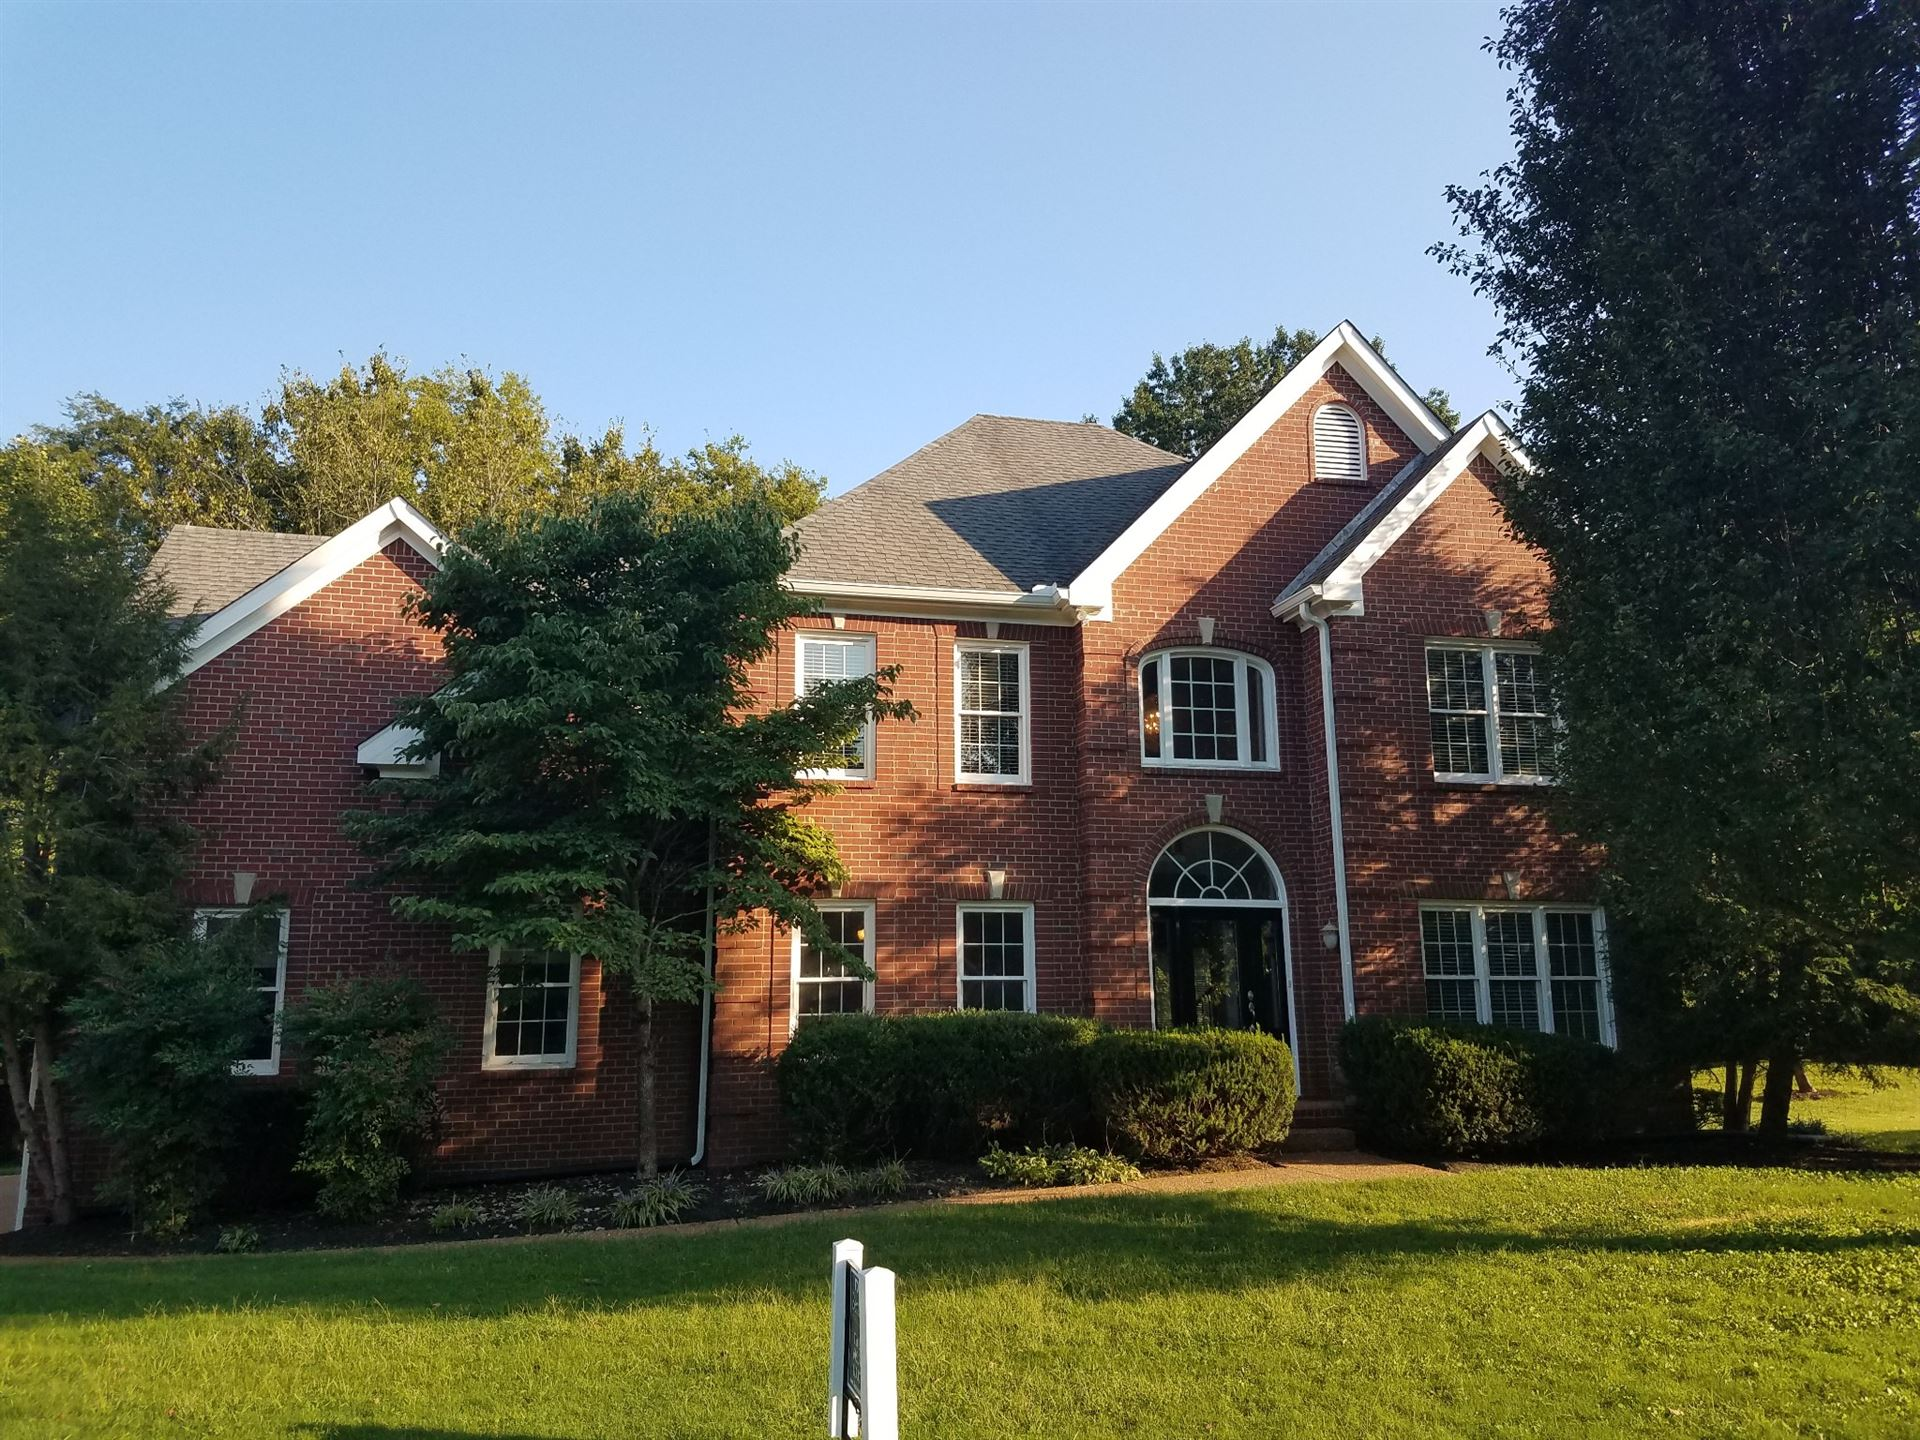 147 Grove Ln, Franklin, TN 37064 - MLS#: 2186983